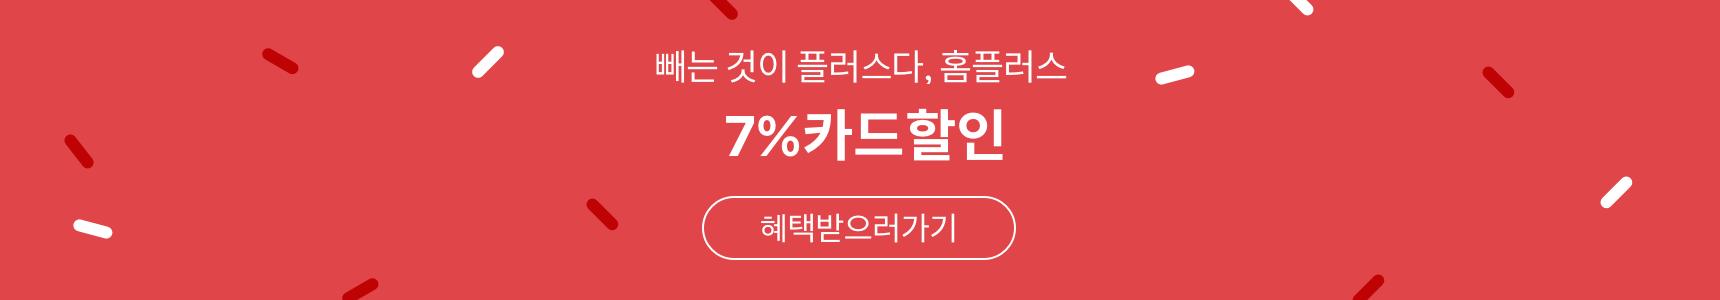 중복쿠폰+ 7%카드할인